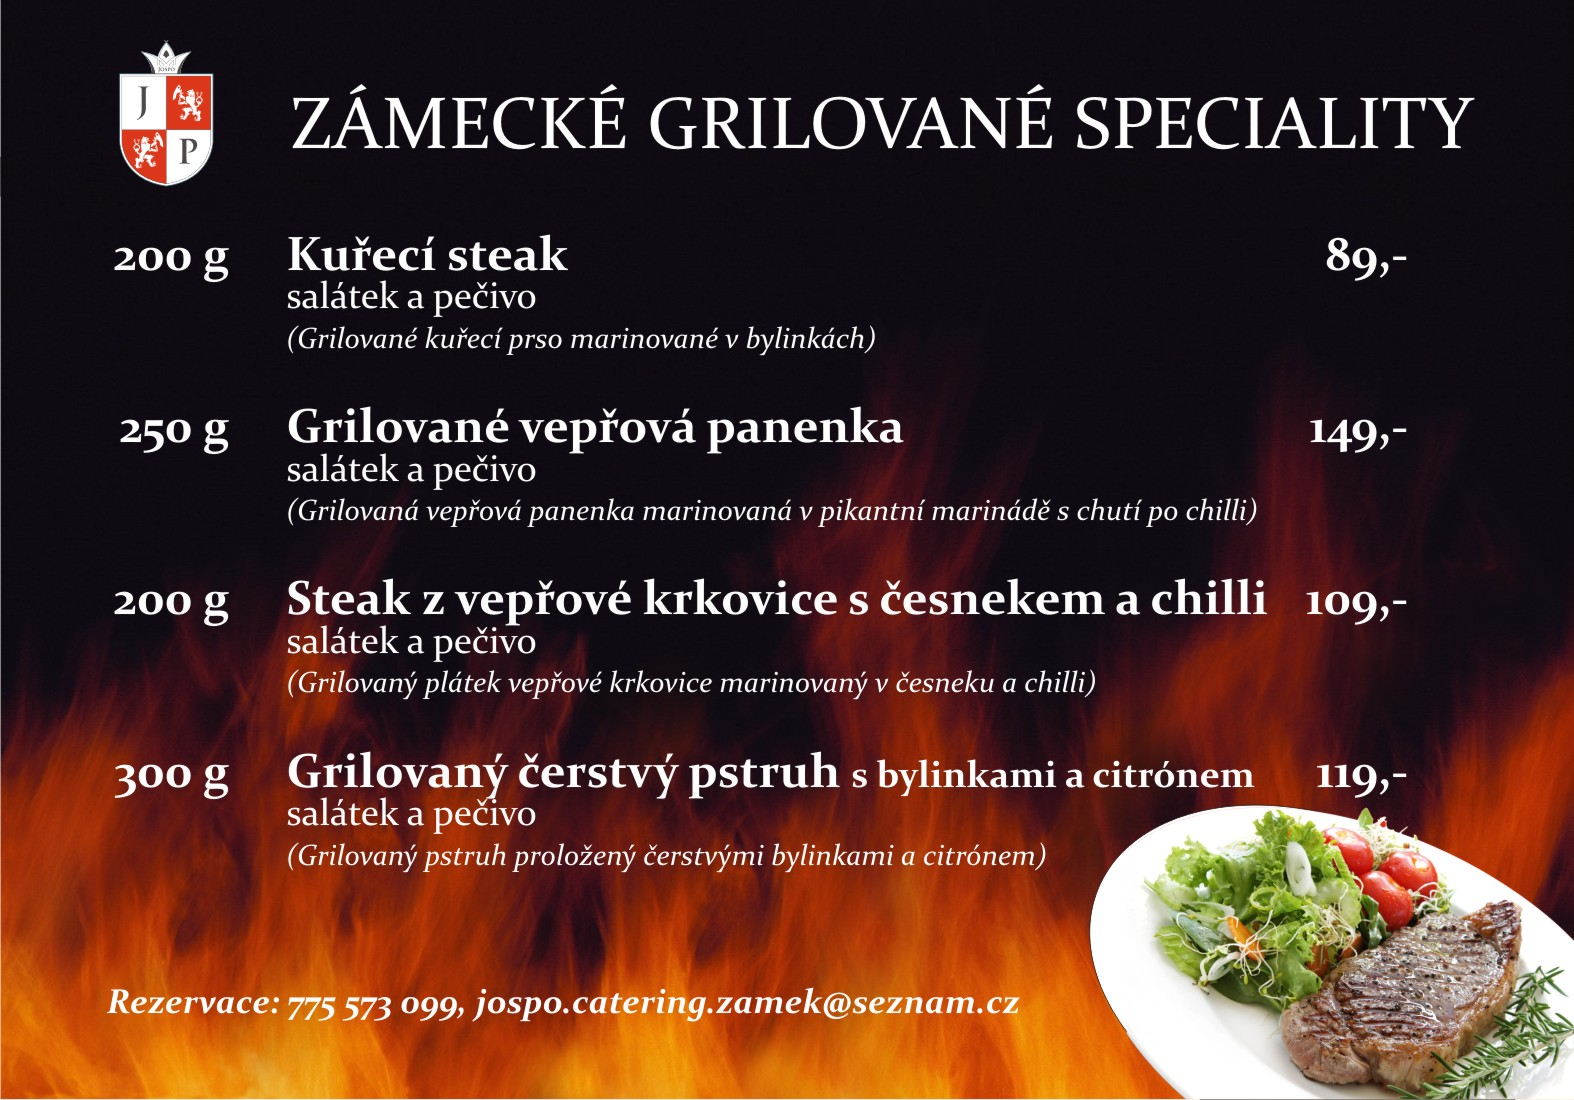 Grilované speciality, grilování v Zámecké restauraci v Holešově